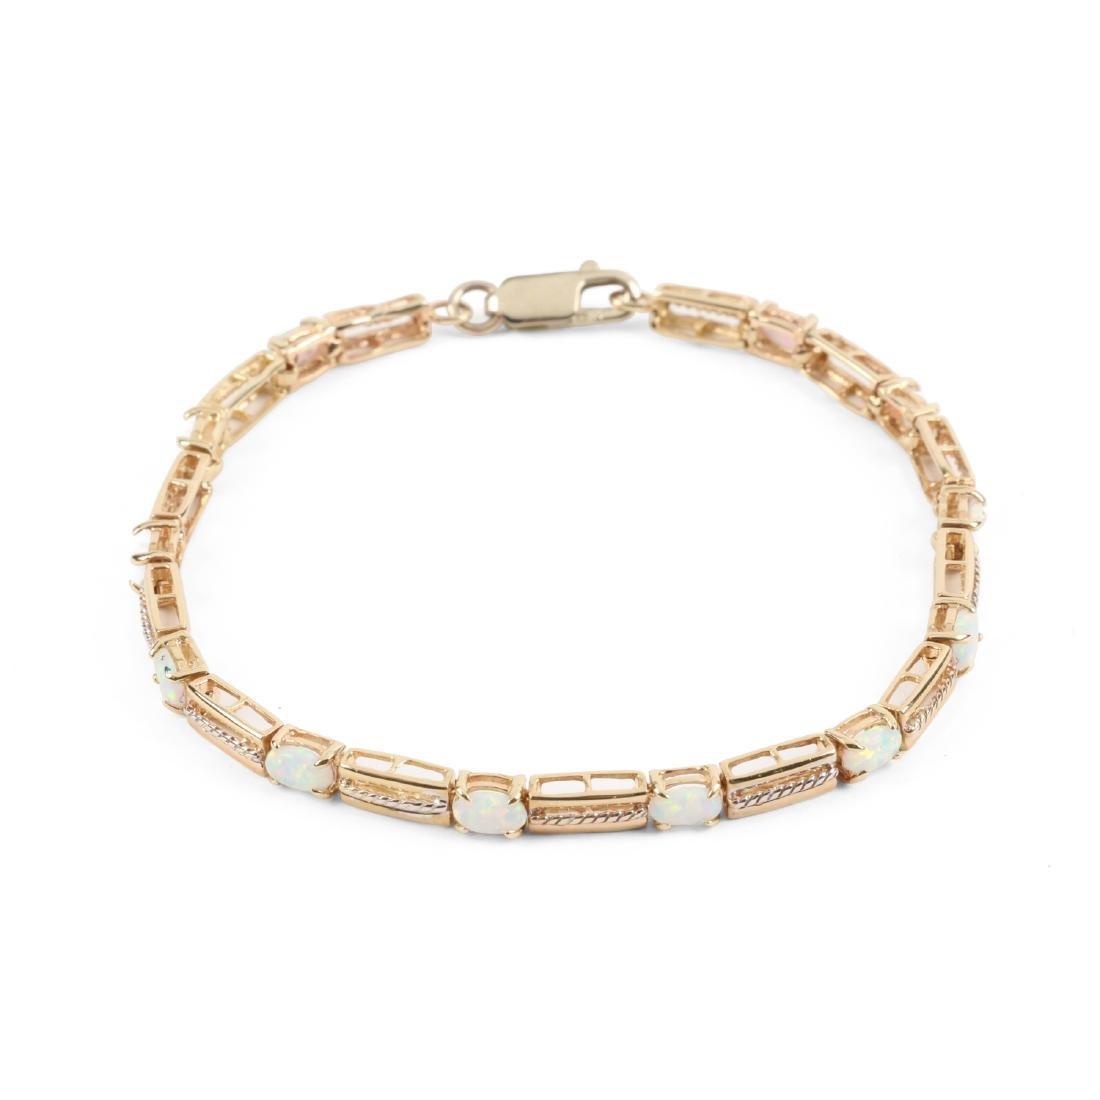 A 14K Yellow Gold, Opal Bracelet